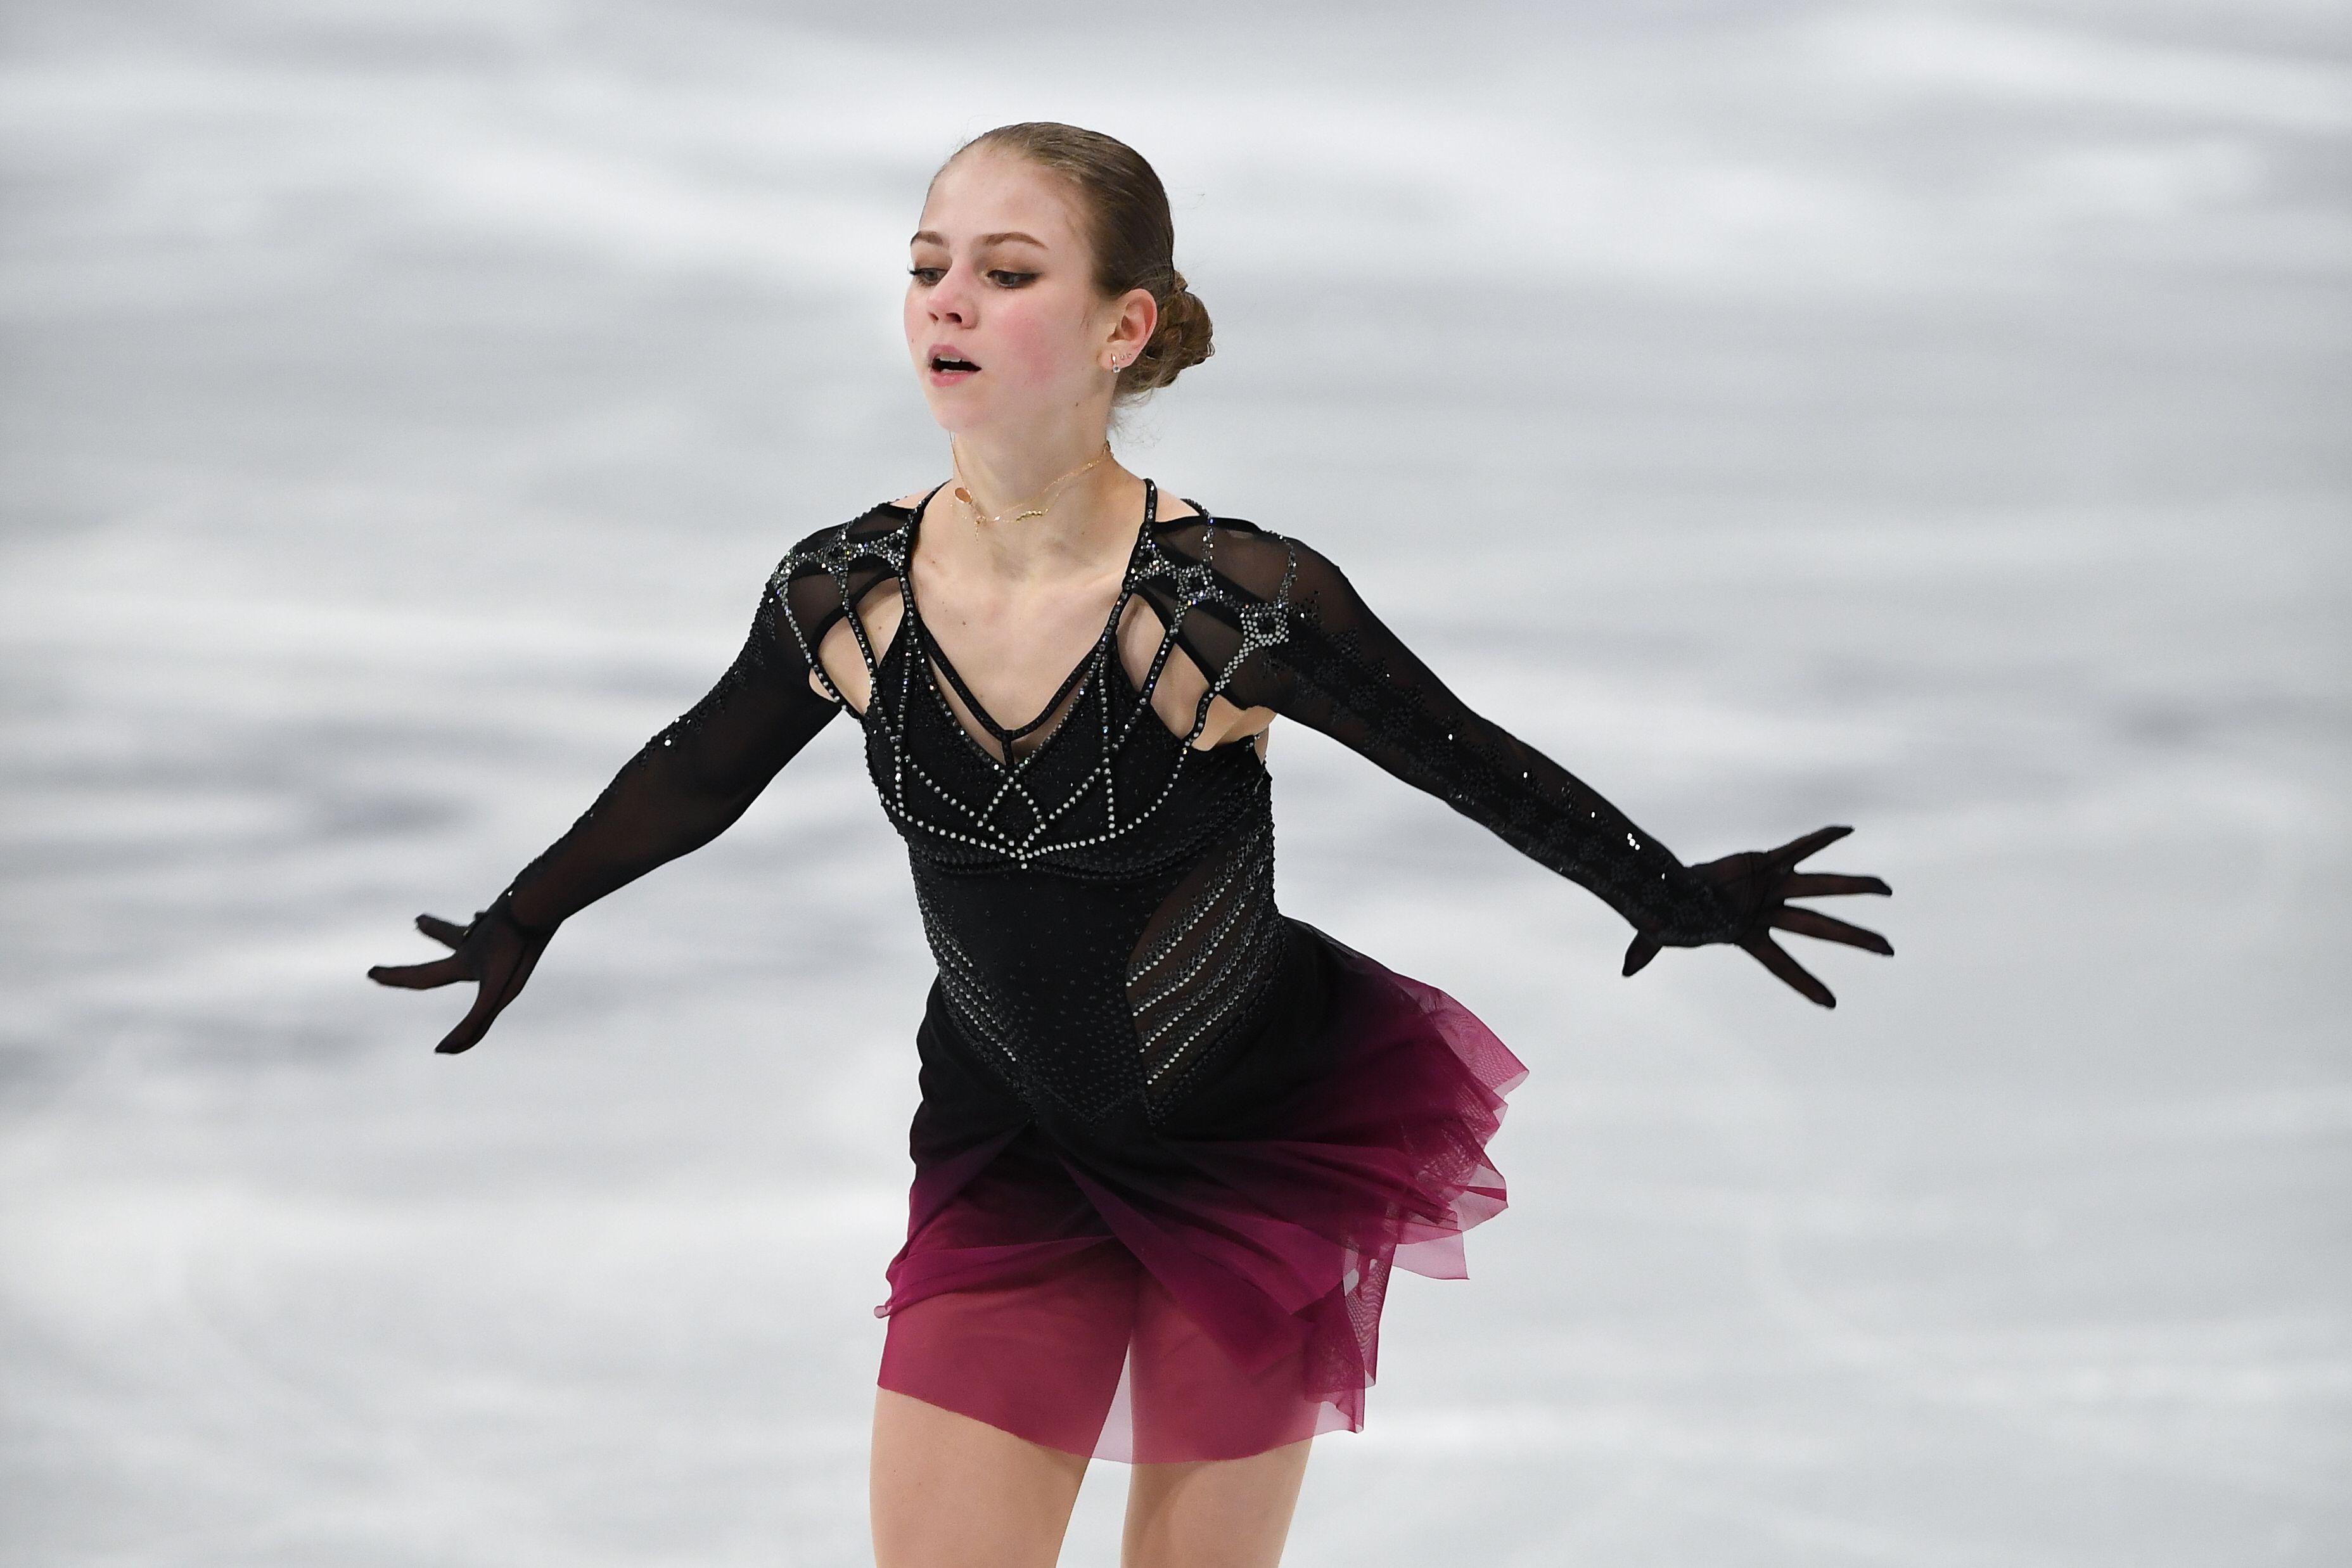 Трусова рассказала, что её привлекает в тренировках у Плющенко